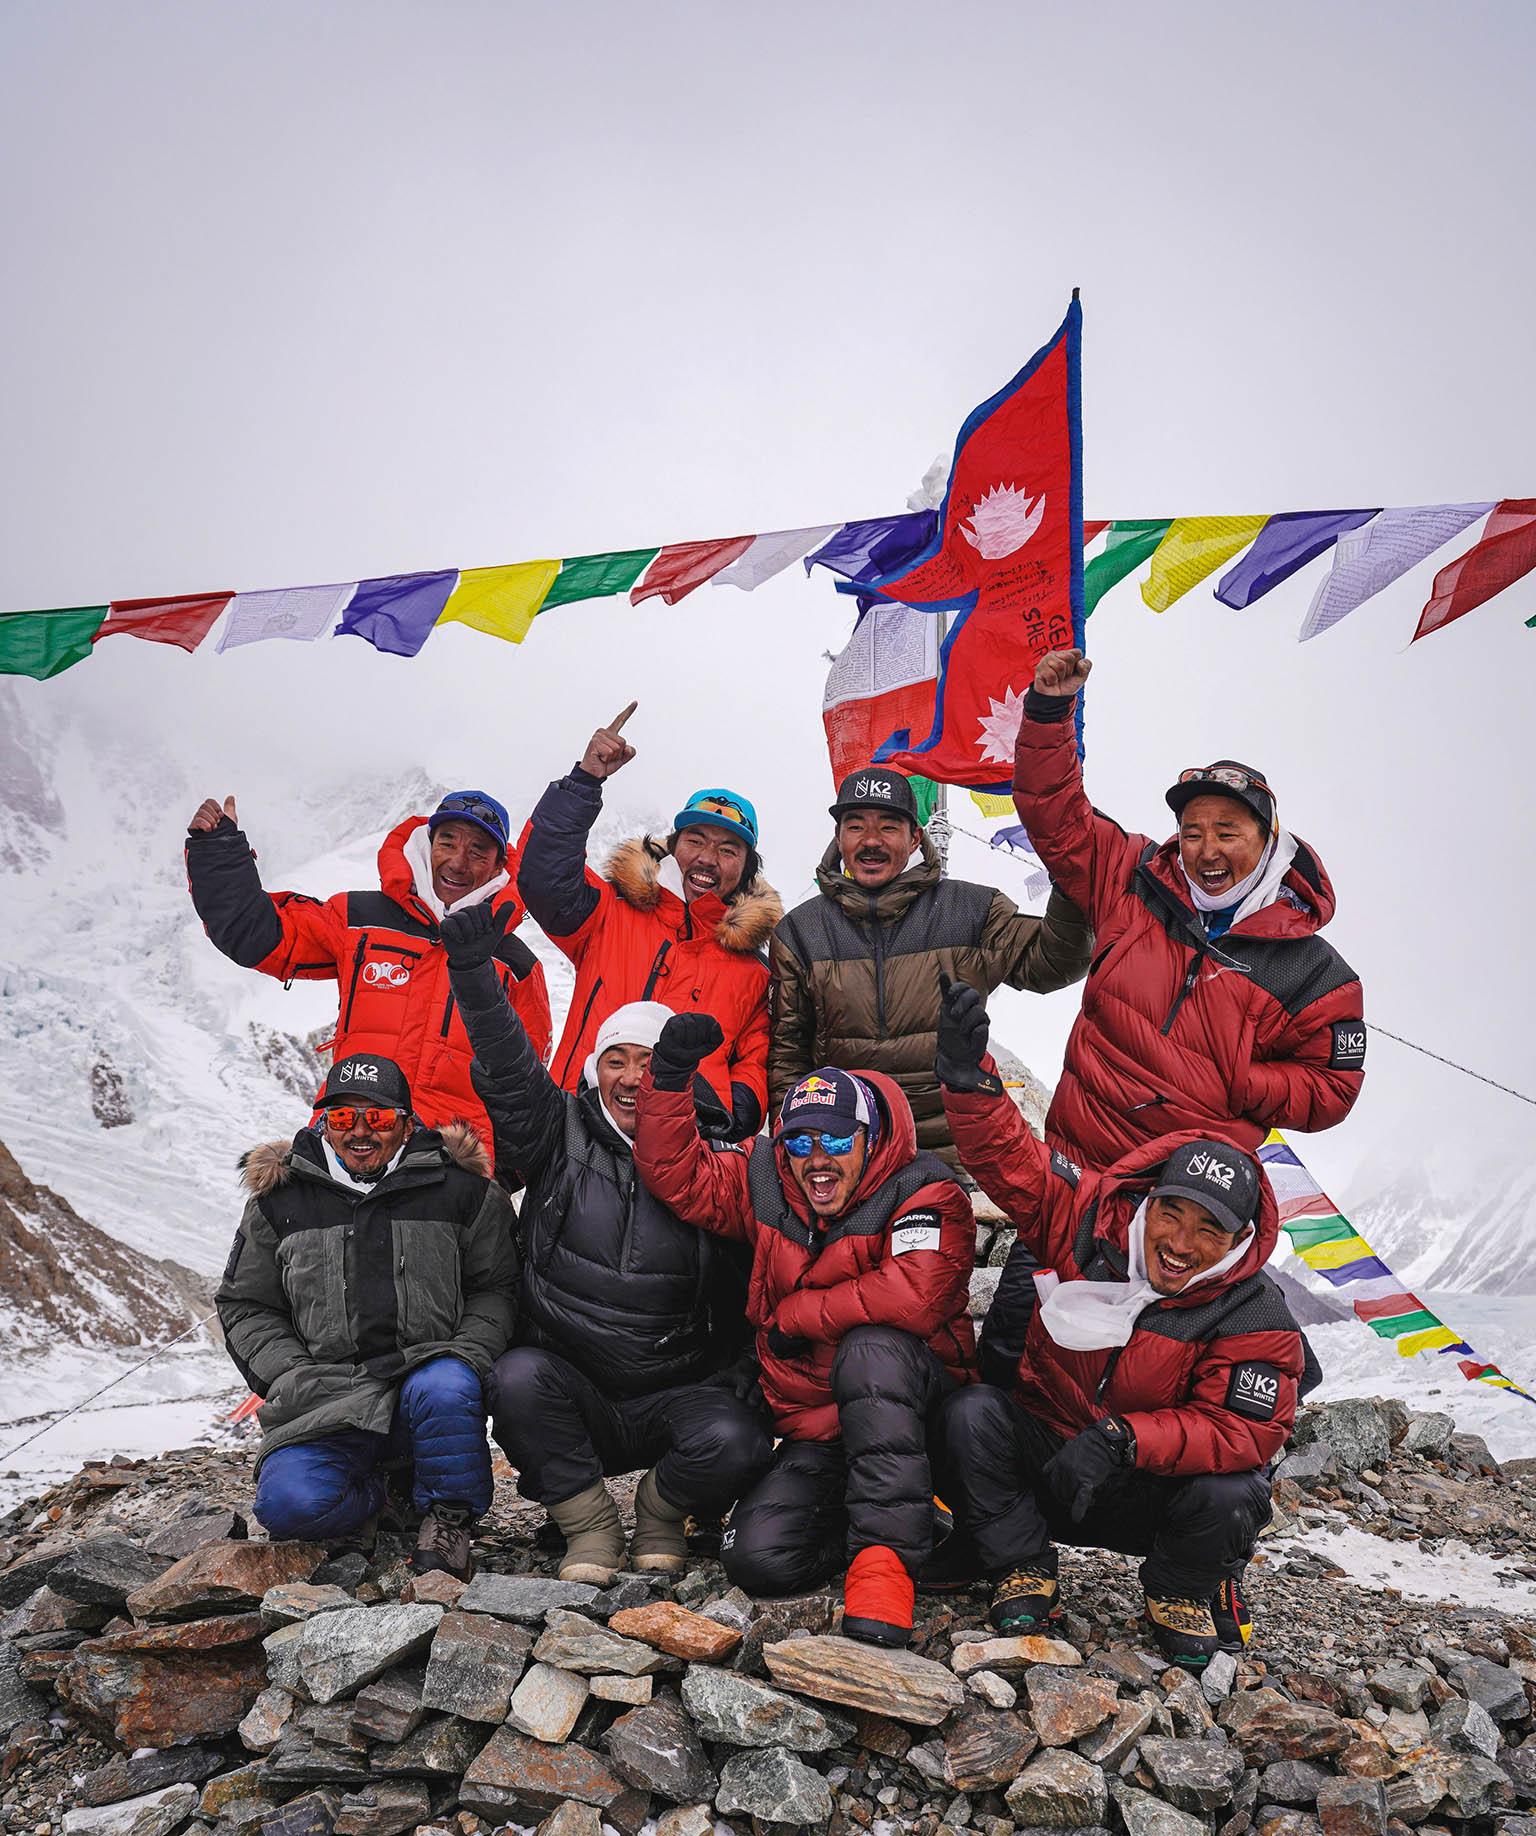 Vúspěšném týmu, který zdolal K2 vzimě, byli inejznámější nepálští horolezci Mingma G (nahoře druhý zleva) aNimsdai (vdolní řadě třetí zleva).